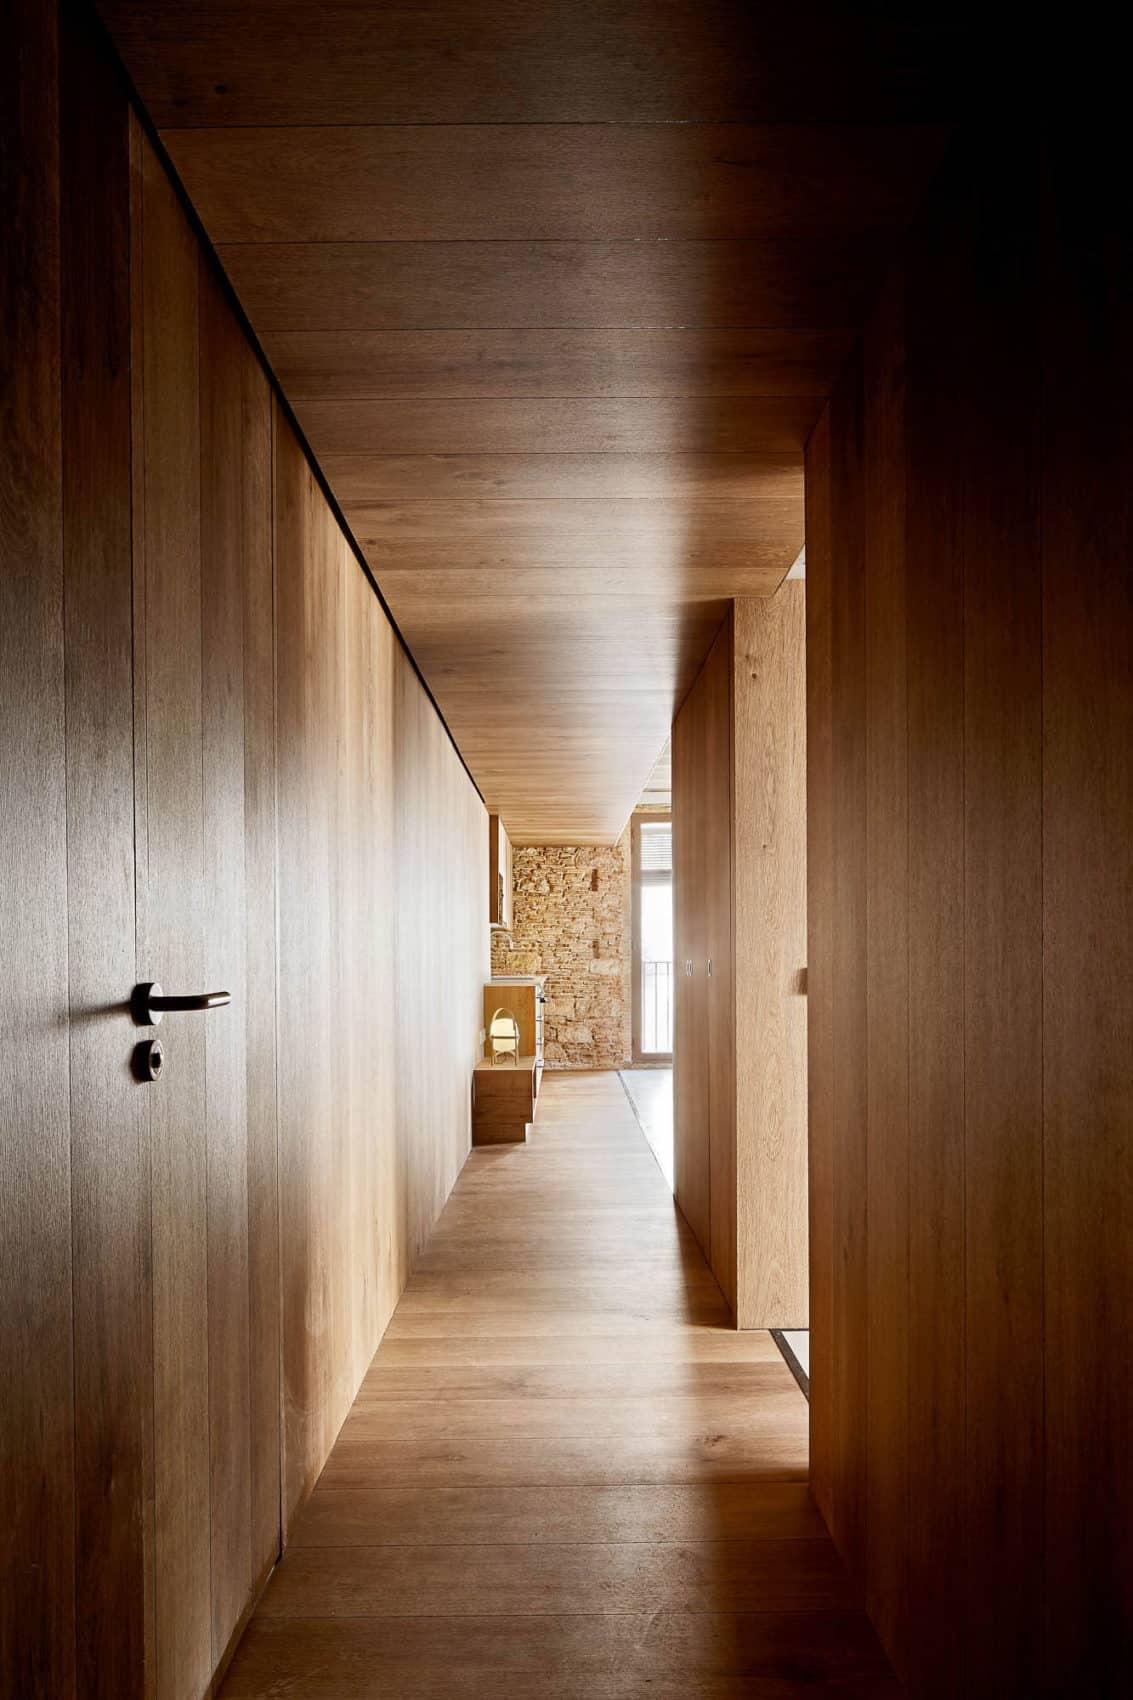 Borne Apartments by Mesura (1)